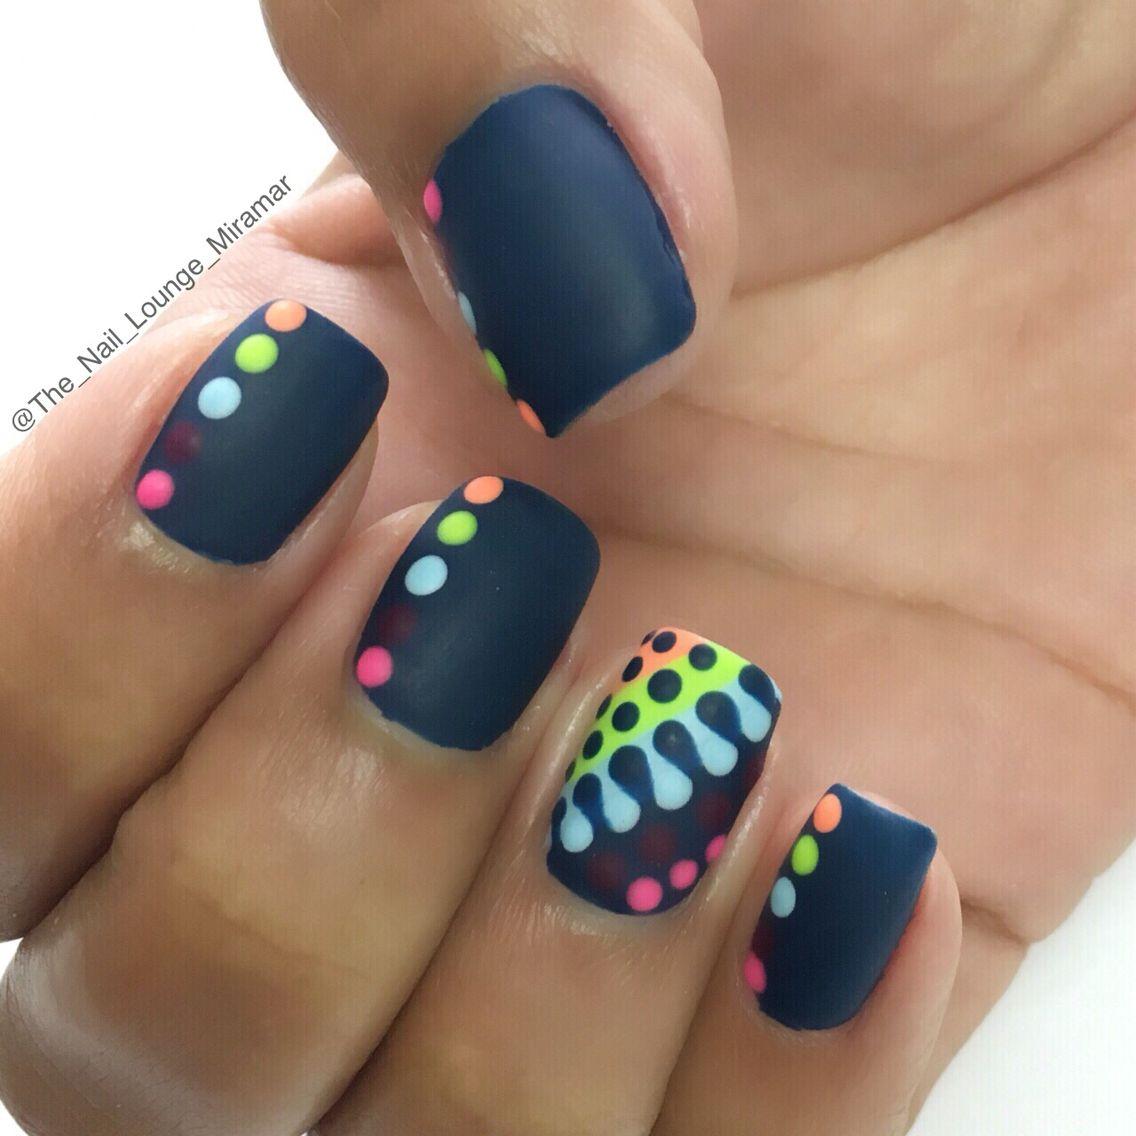 Bright colorful dots nail art design